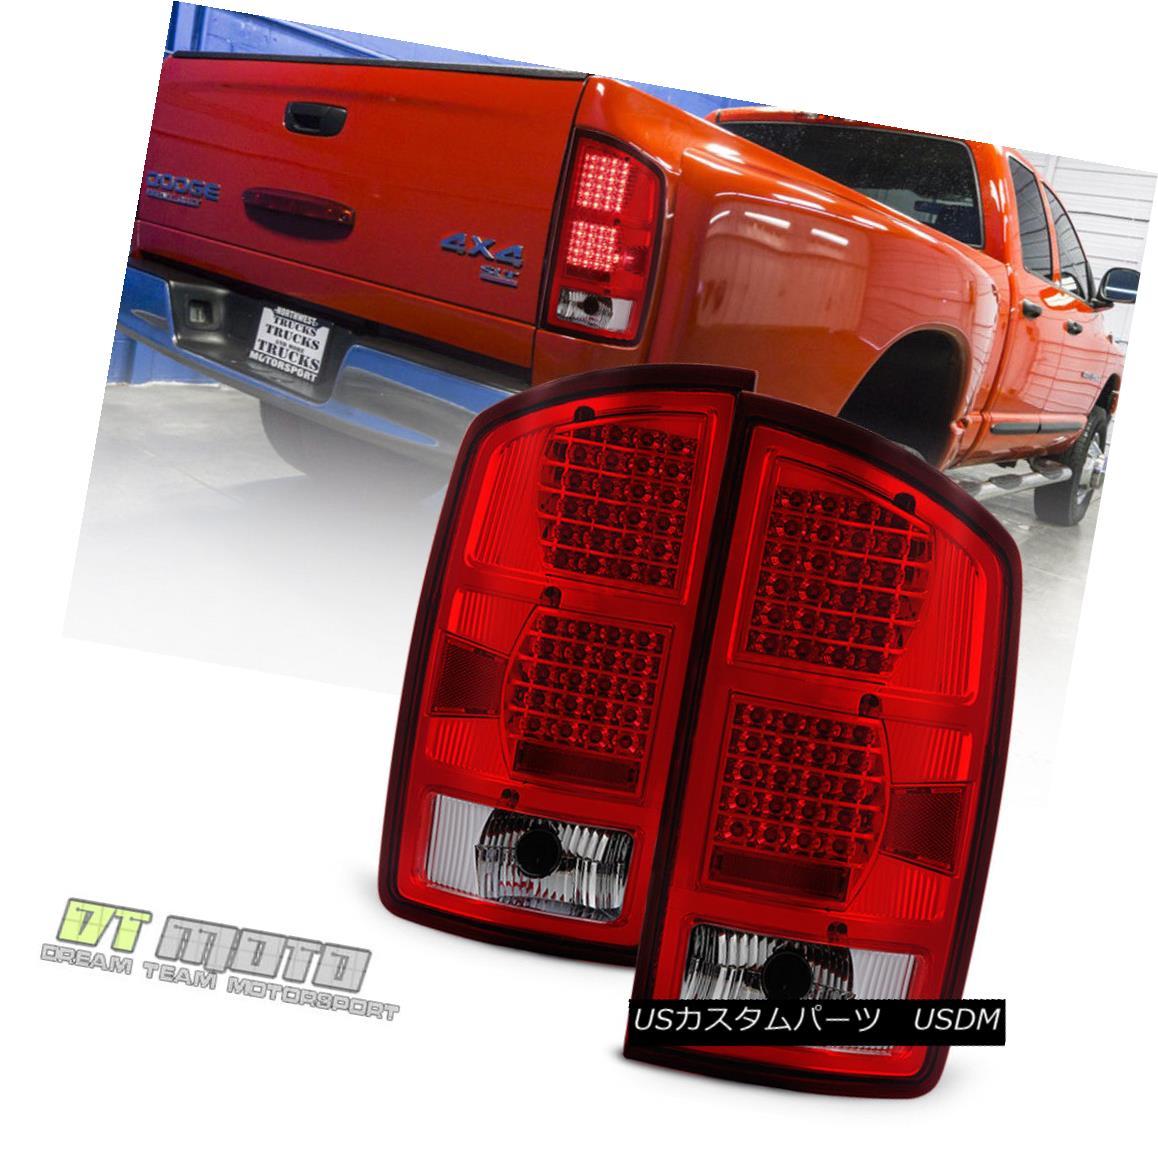 テールライト 2002-2006 Dodge Ram 1500 LED Red Clear Tail Lights Brake Signal Lamps Left+Right 2002-2006 Dodge Ram 1500 LEDレッドクリアテールライトブレーキ信号ランプ左右+右